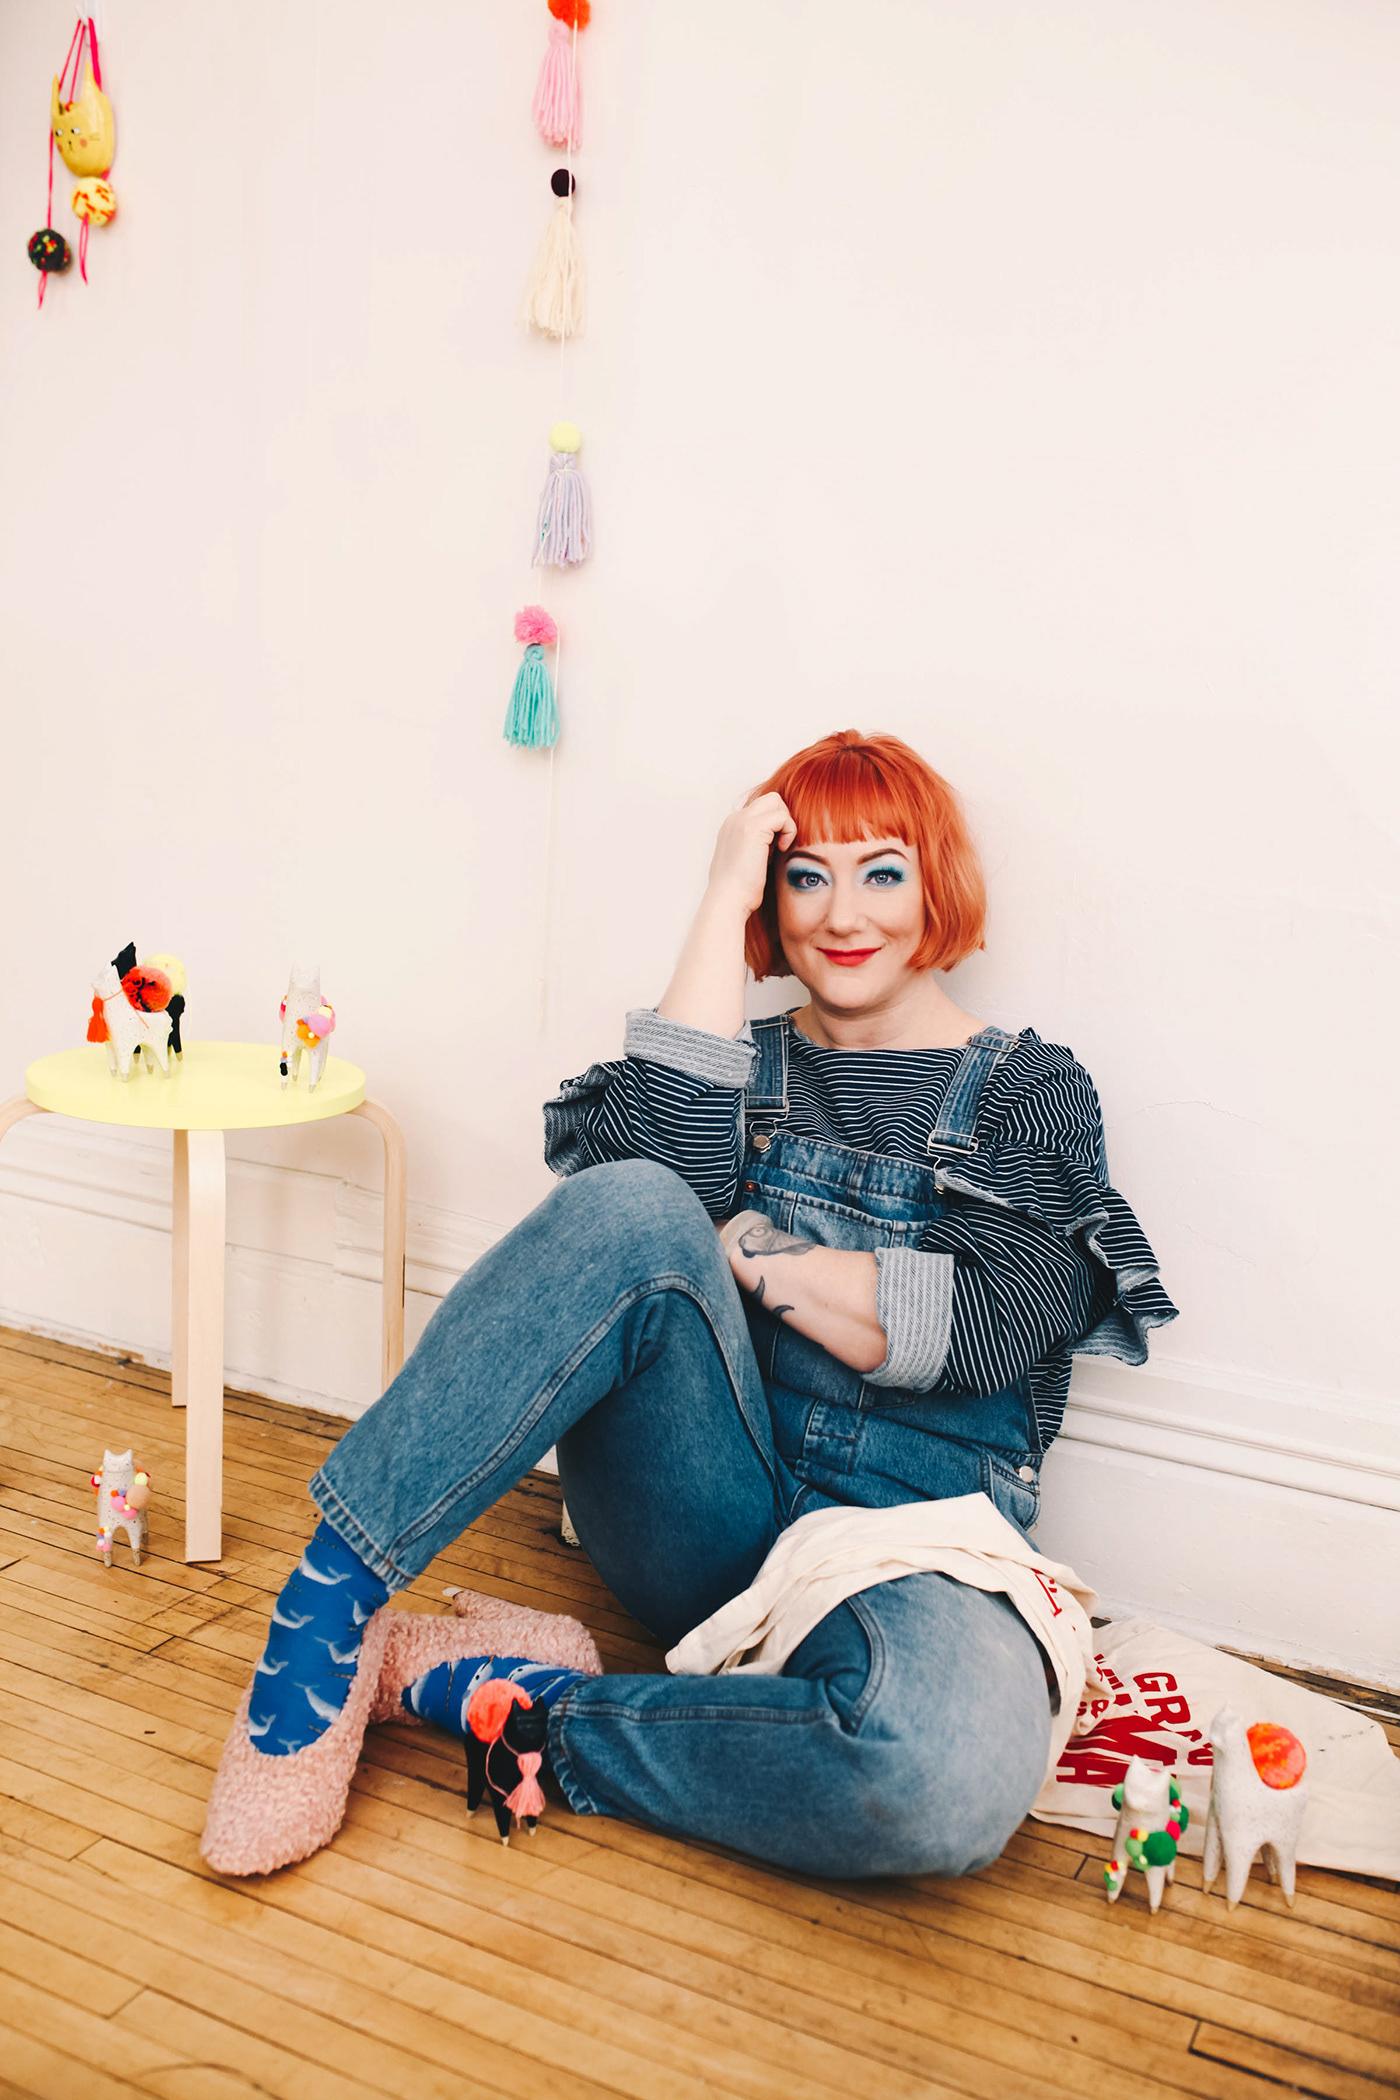 creative makeup Photography